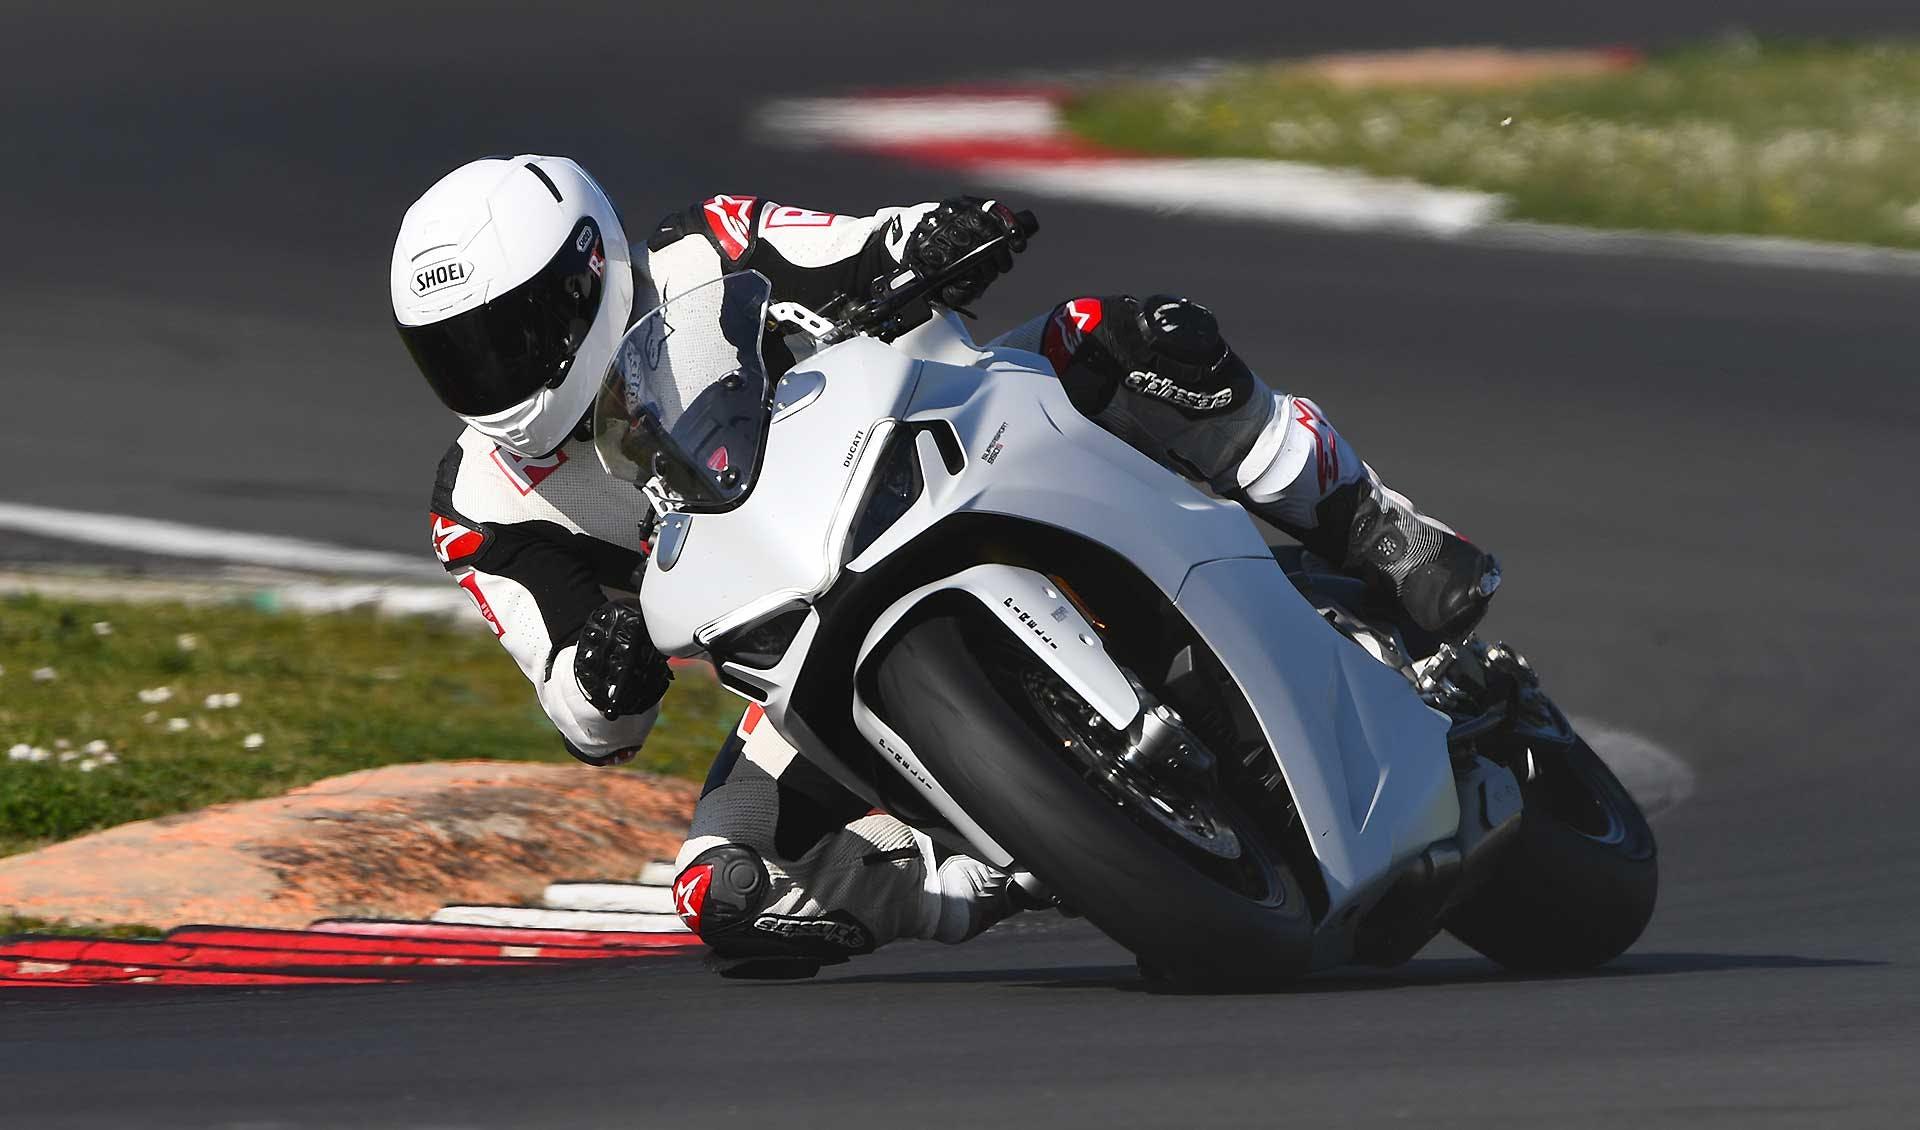 Ducati Supersport 950 S 2021 azione in pista